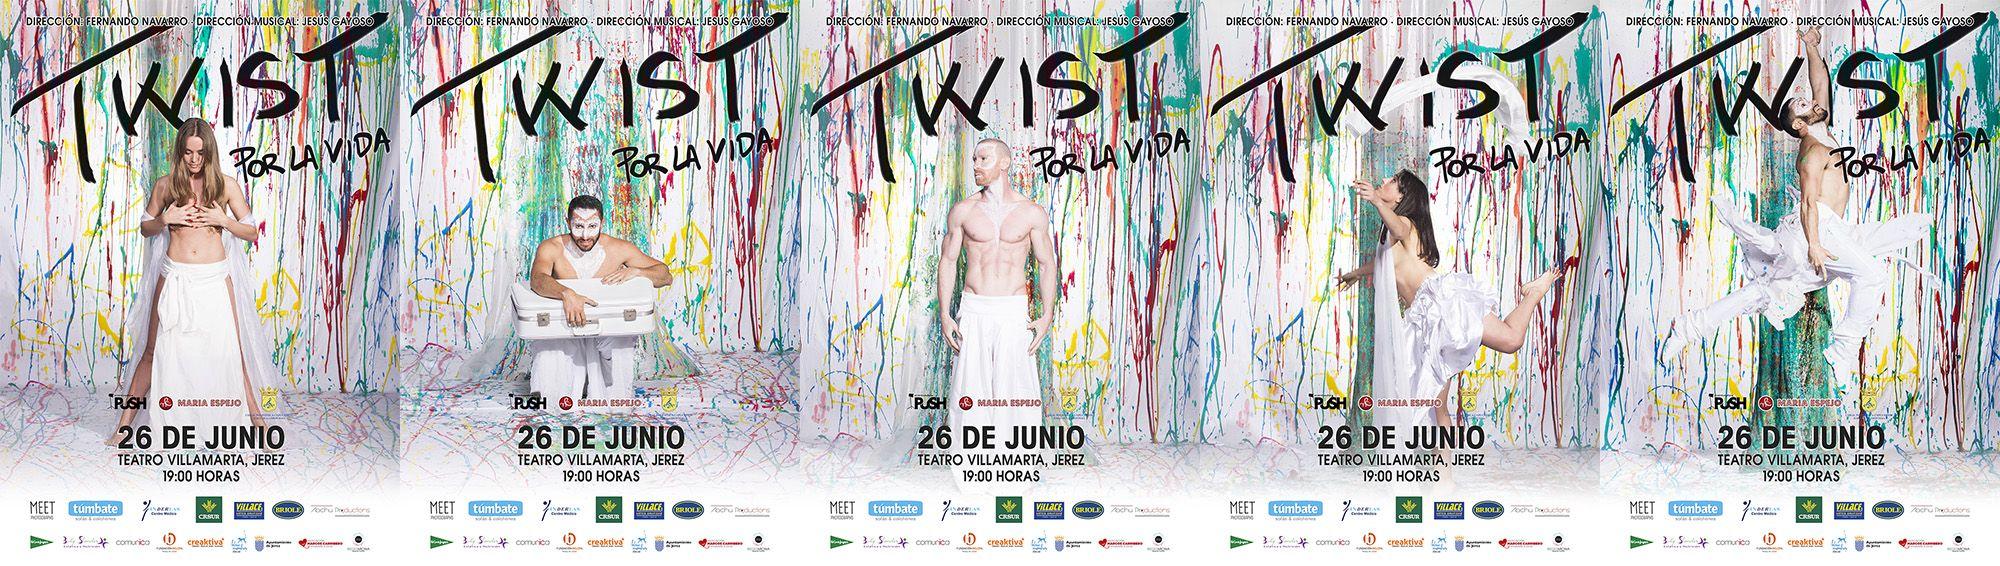 Cartelería de promoción de Twist Por La Vida